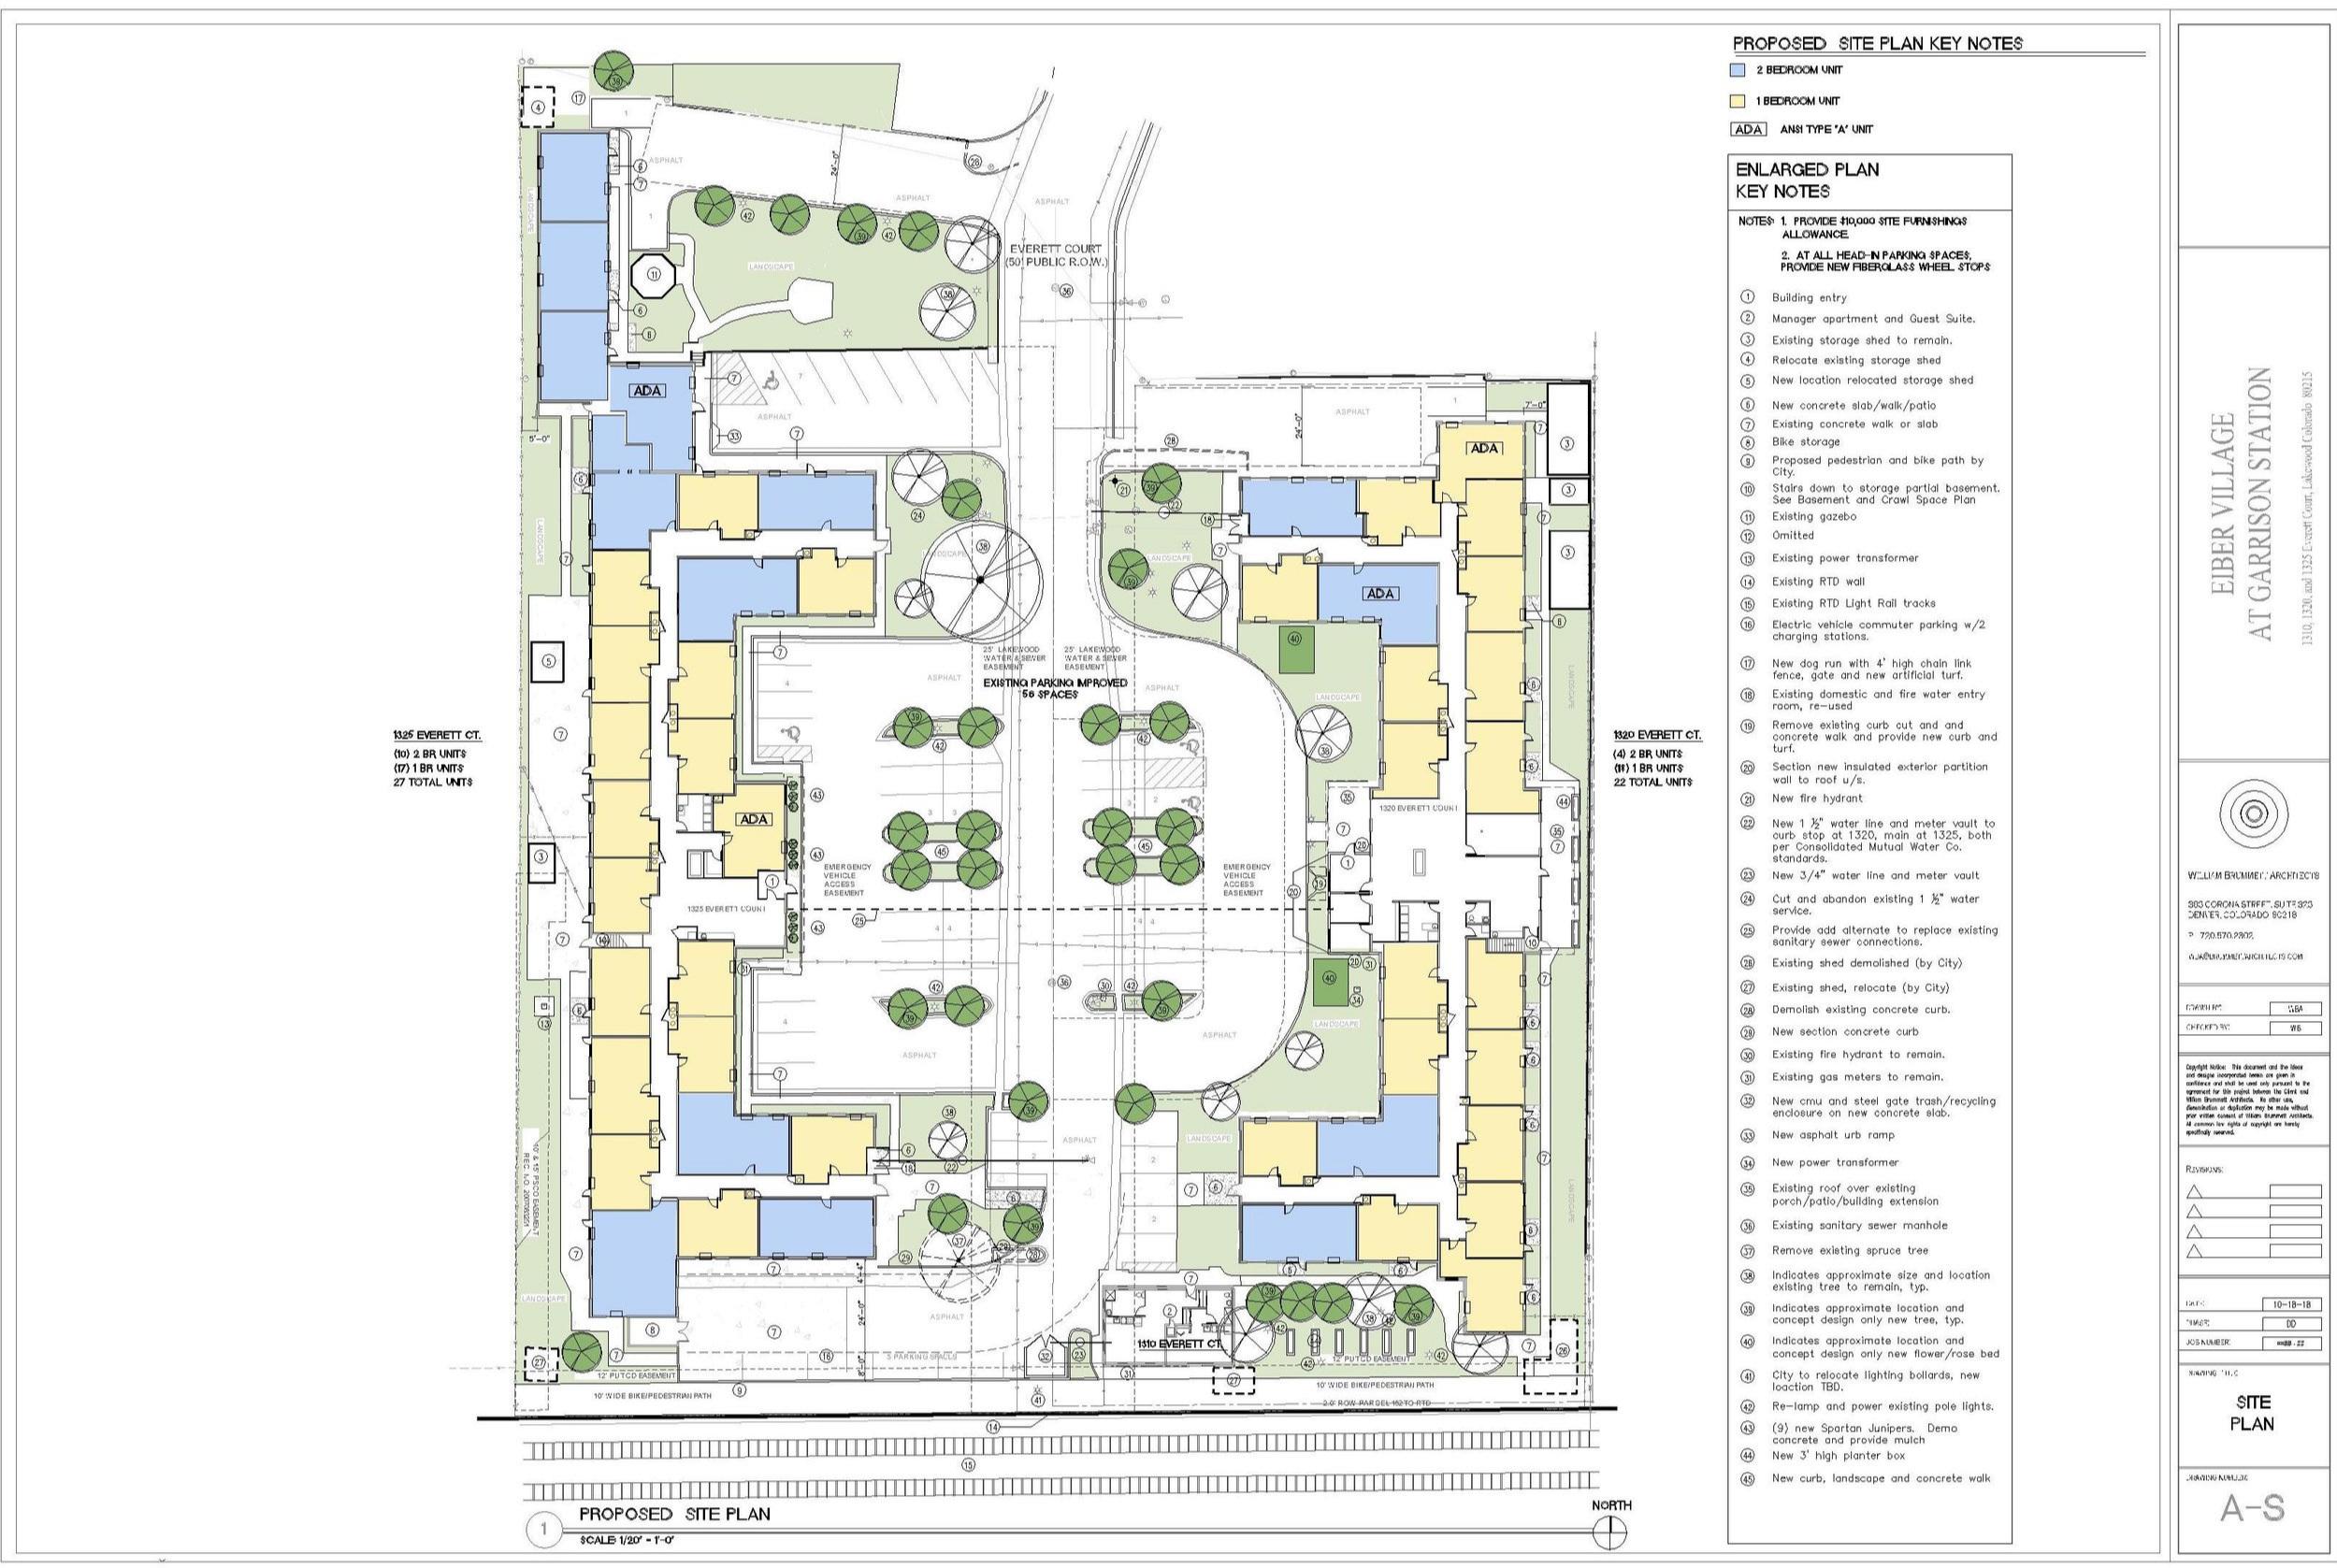 Proposed site plan for Eiber Village at Garrison Station, William Brummett Architects.